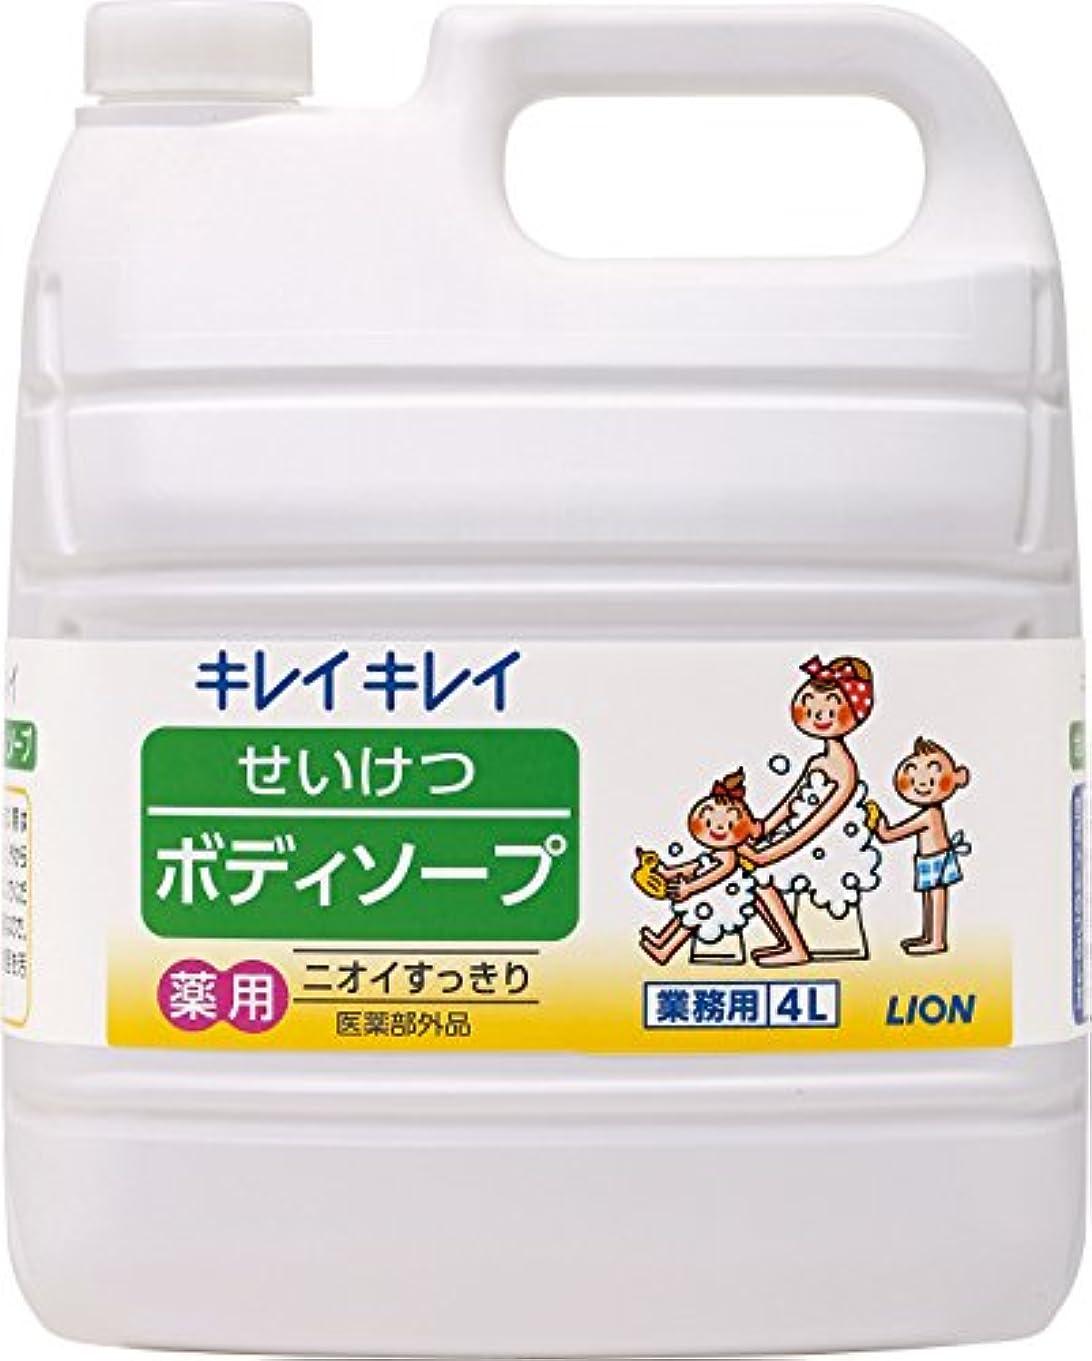 町報告書販売計画【業務用 大容量】キレイキレイ せいけつボディソープ さわやかなレモン&オレンジの香り 4L(医薬部外品)